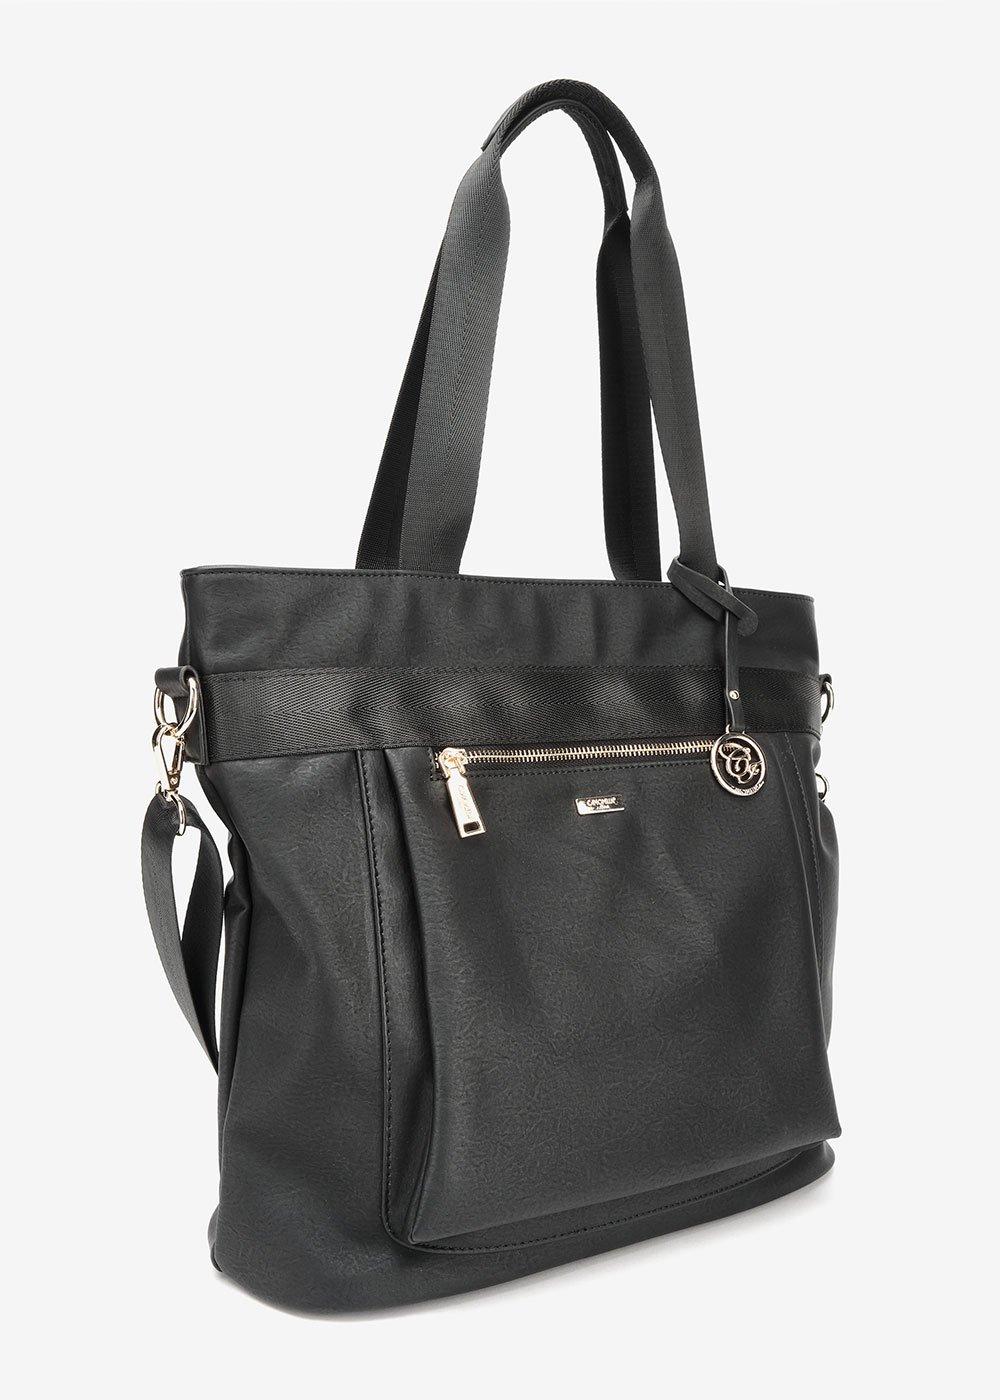 Shopping bag Becky multiscomparto - Black - Donna